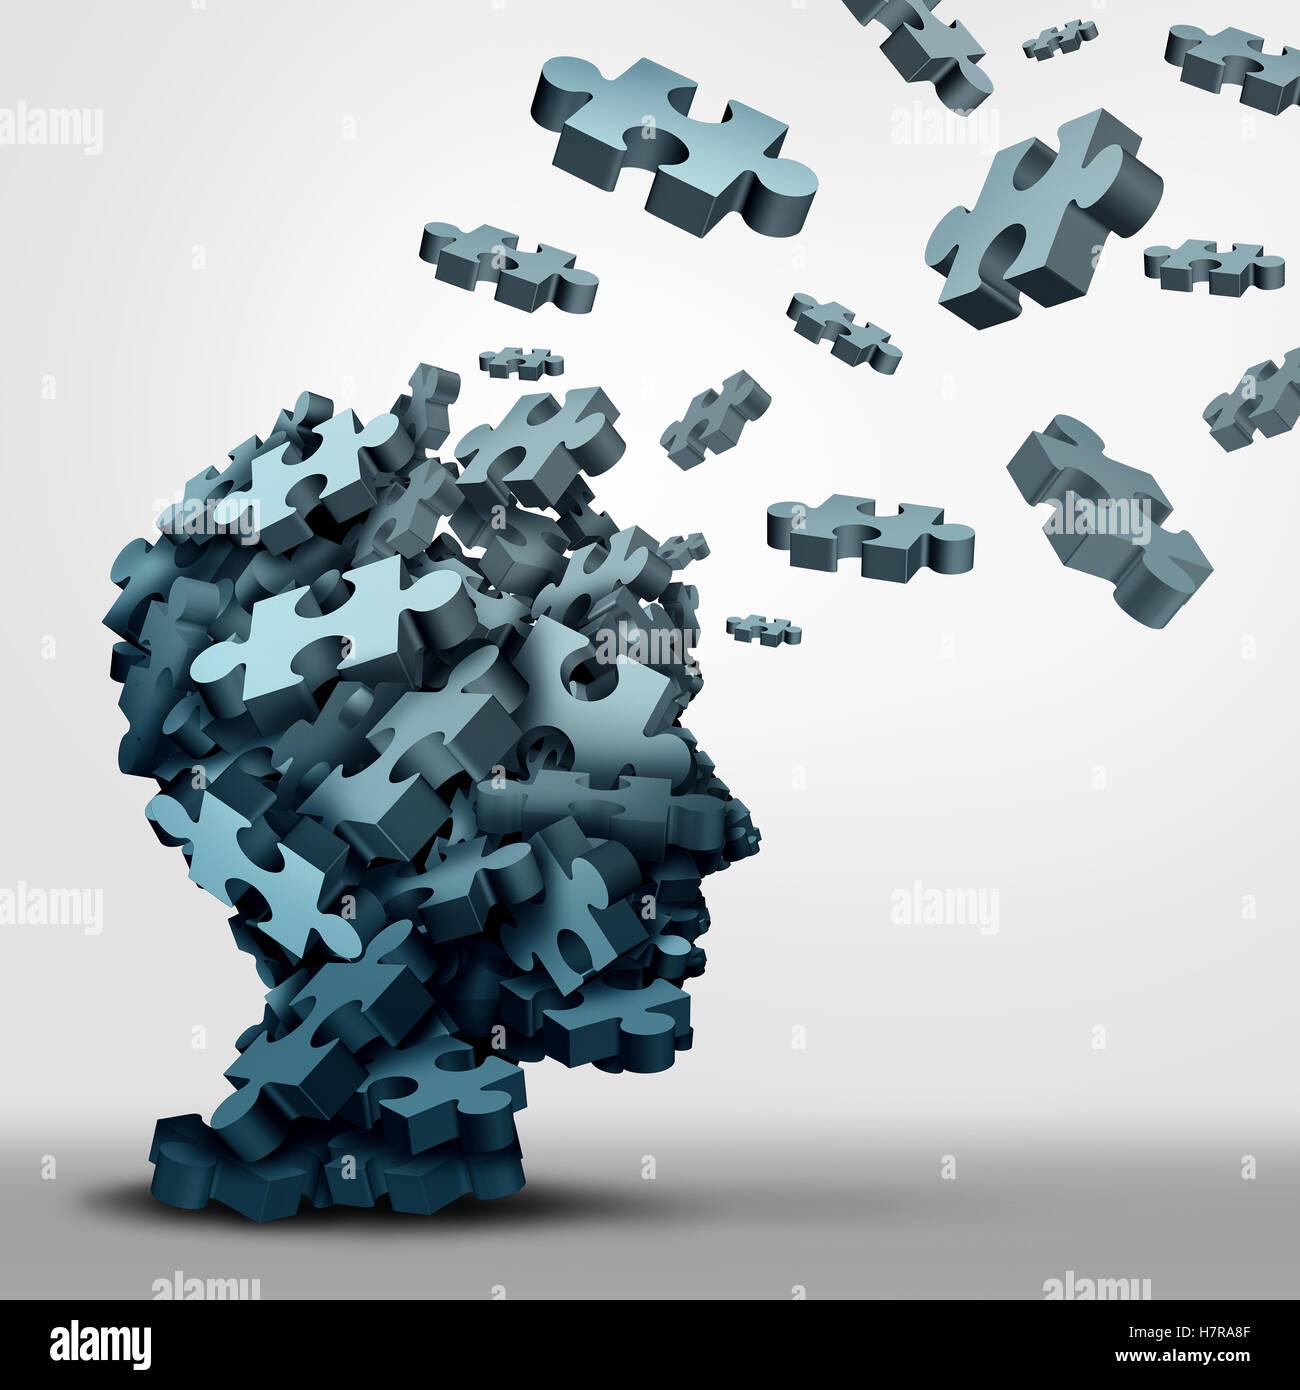 Demenza concetto puzzle brain problema di salute come simbolo una neurologia e psicologia icona come un gruppo di Immagini Stock